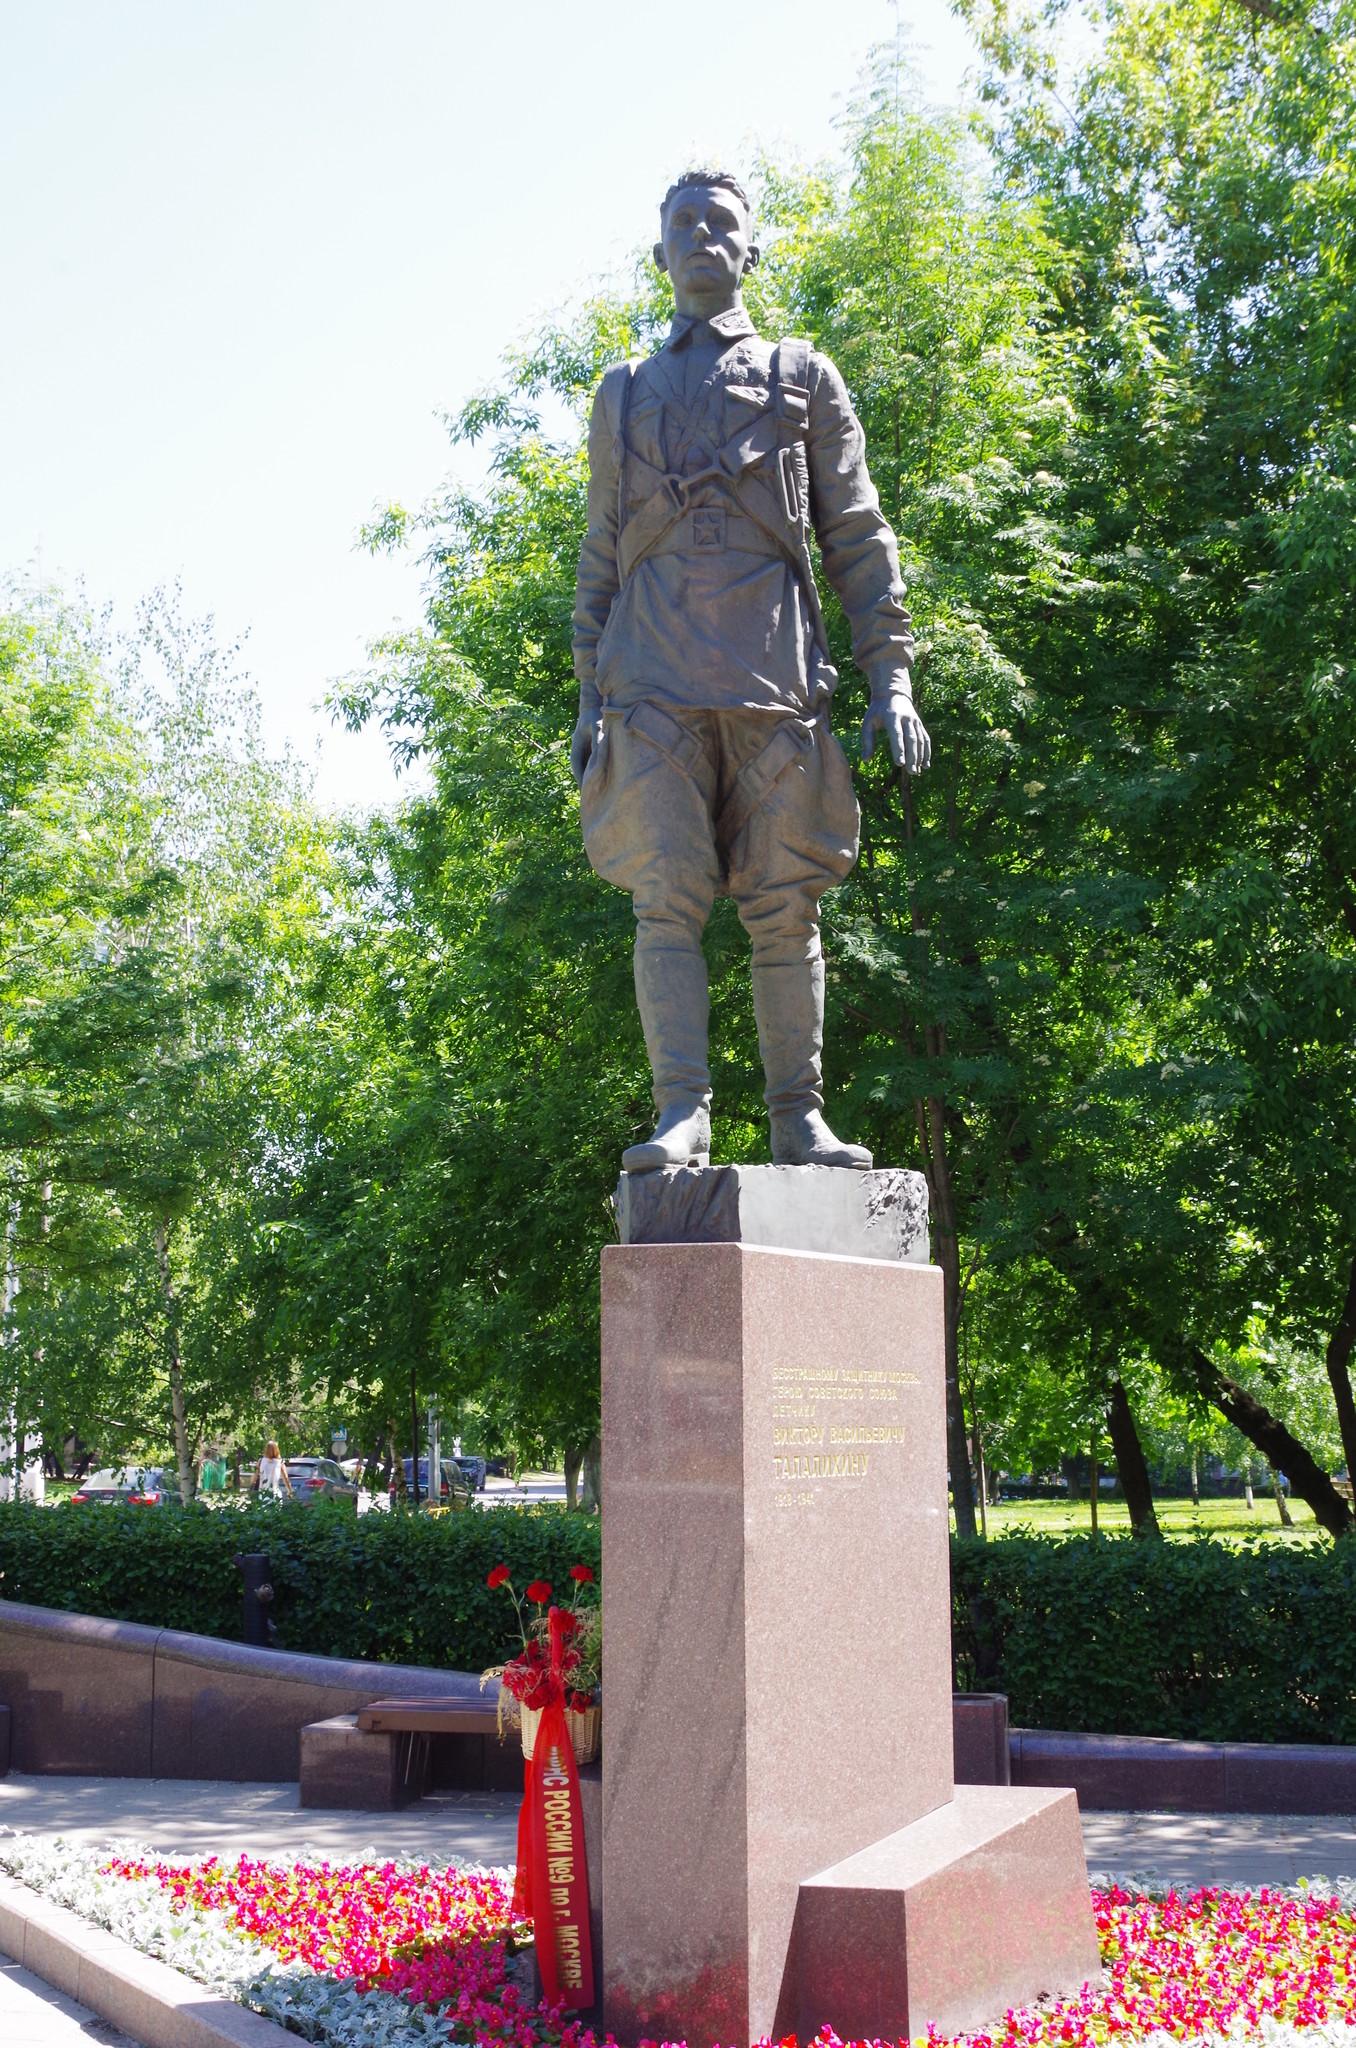 Памятник Герою Советского Союза лётчику-истребителю В.В. Талалихину в Москве